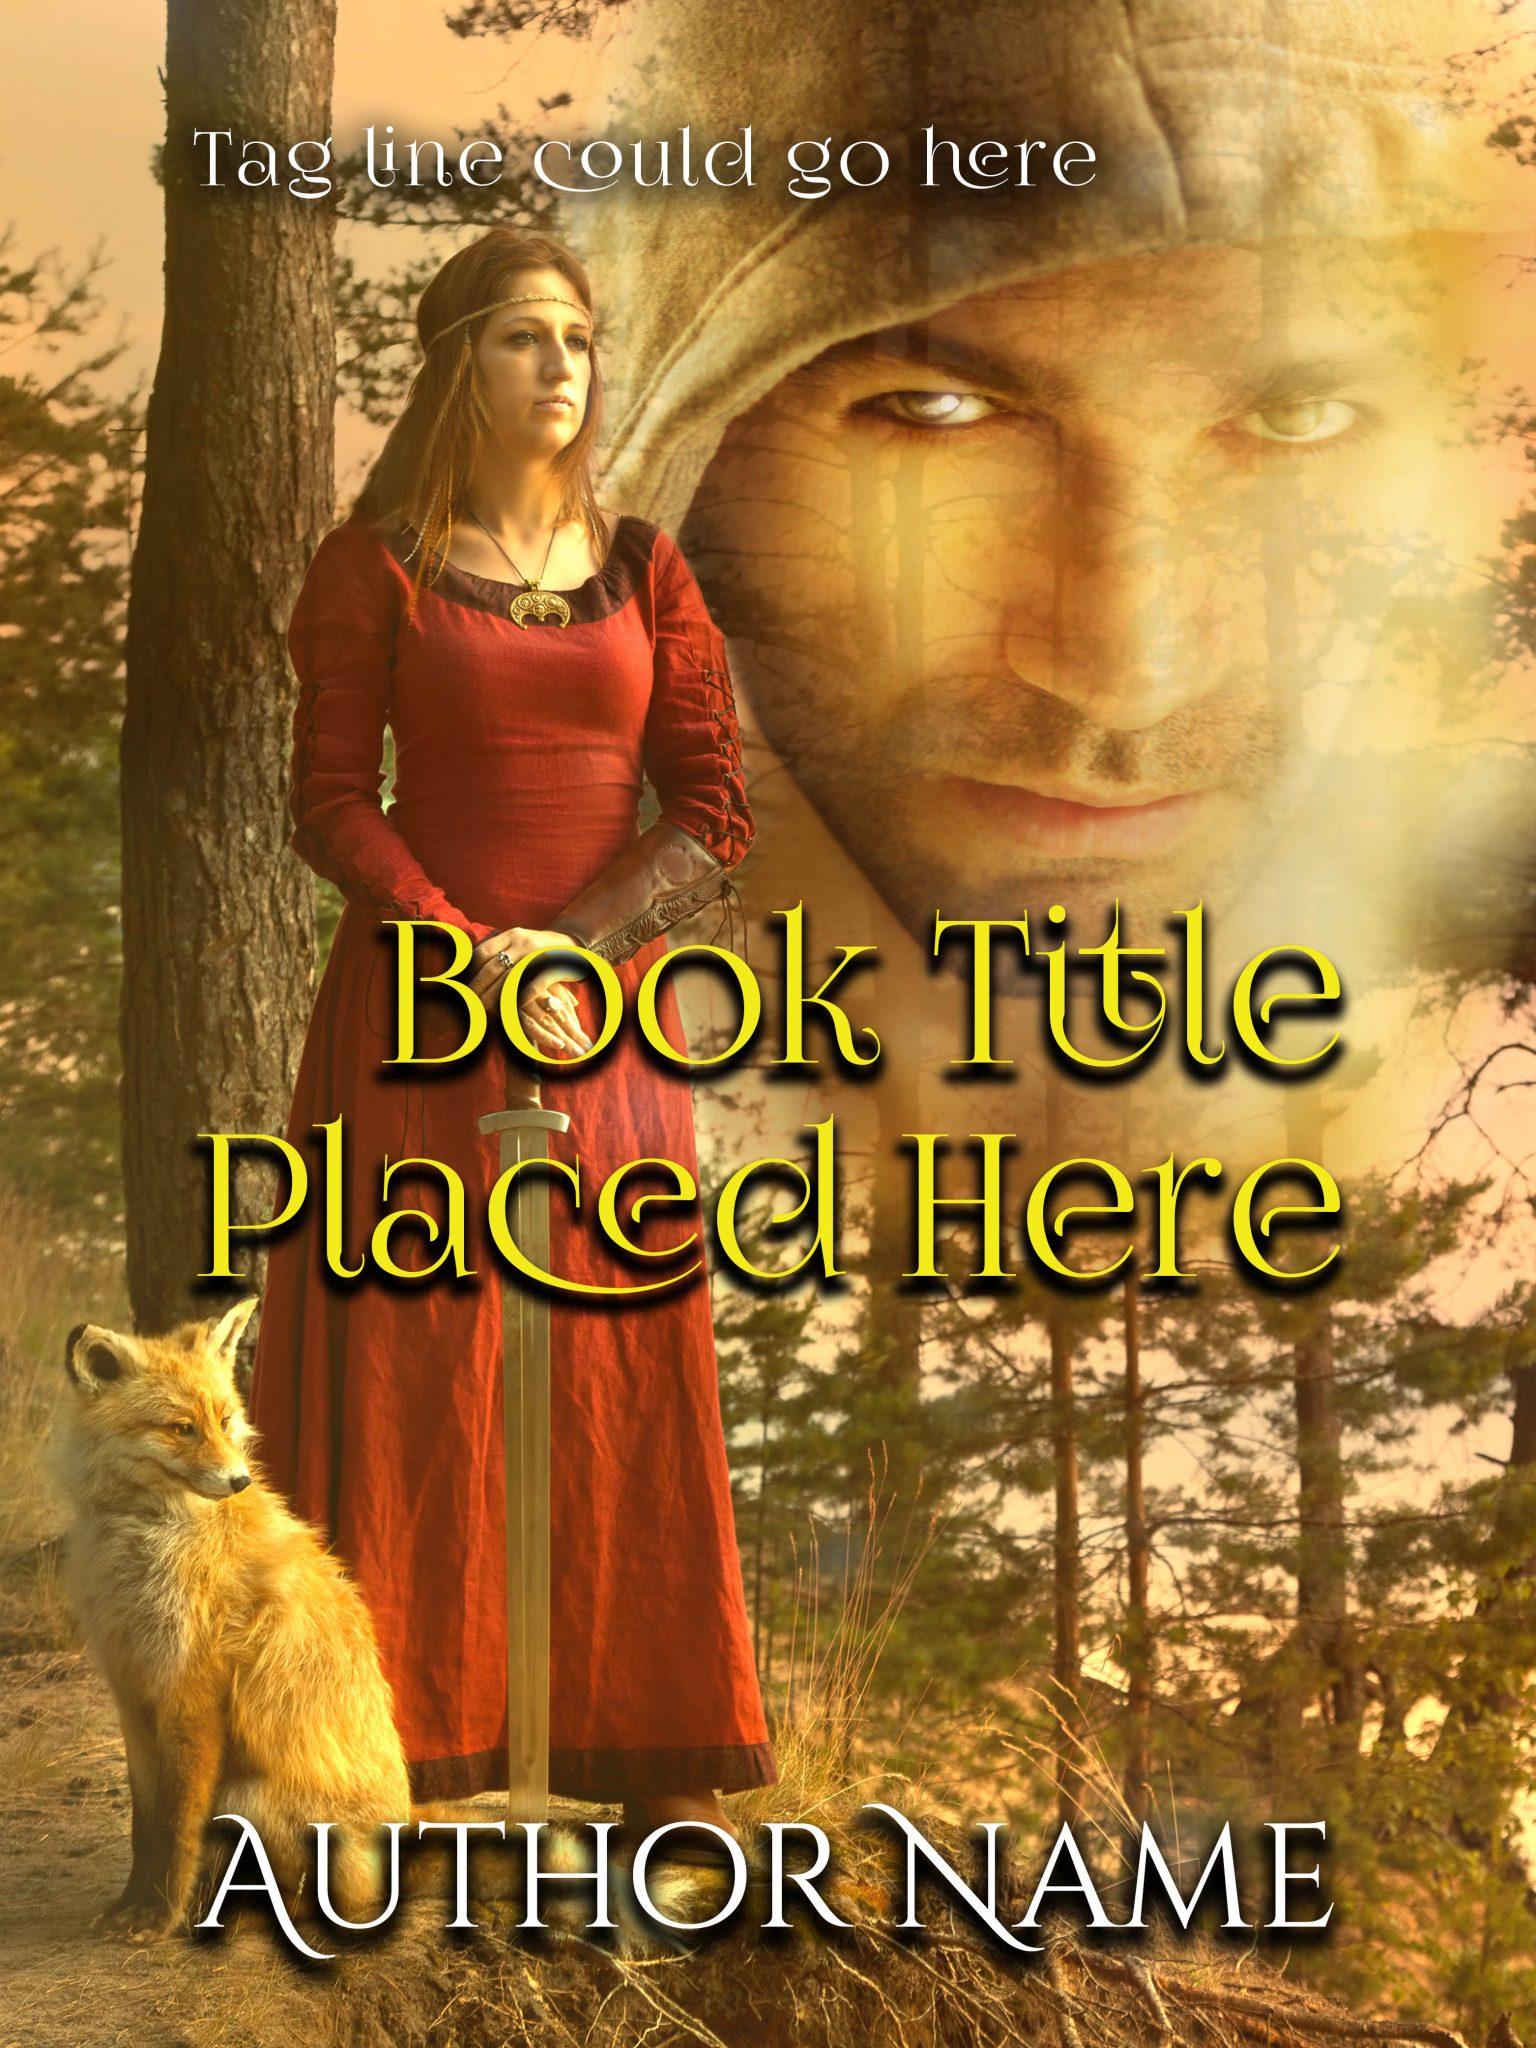 Fantasy Romance with Fox Premade Book Cover